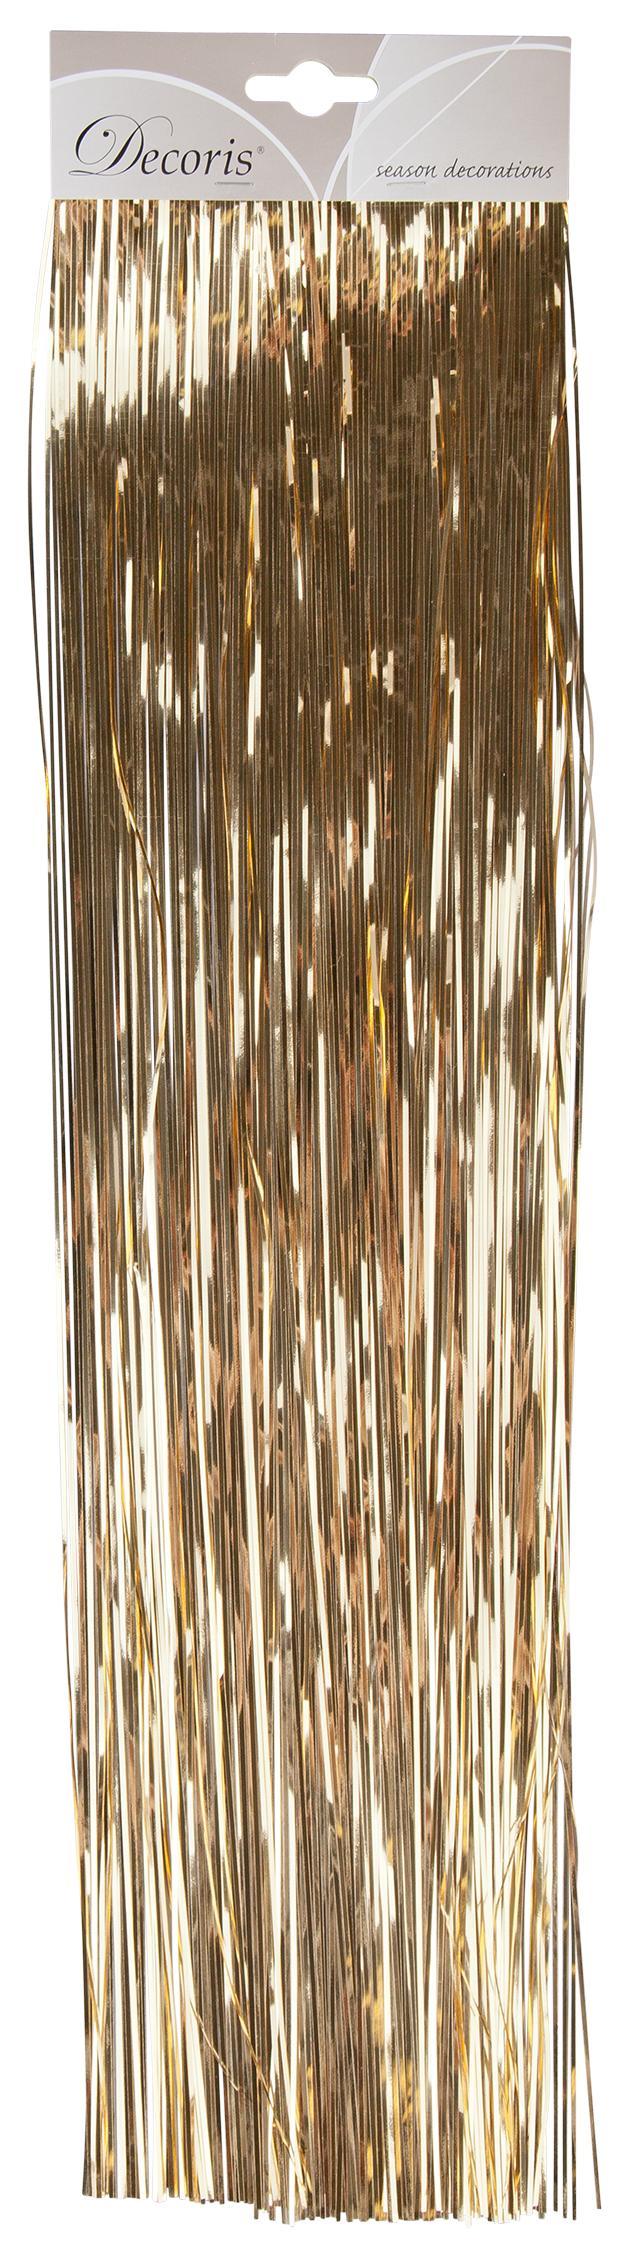 Lametta 50 x 40 cm gold gl nzend g nstig online kaufen for Lametta kaufen